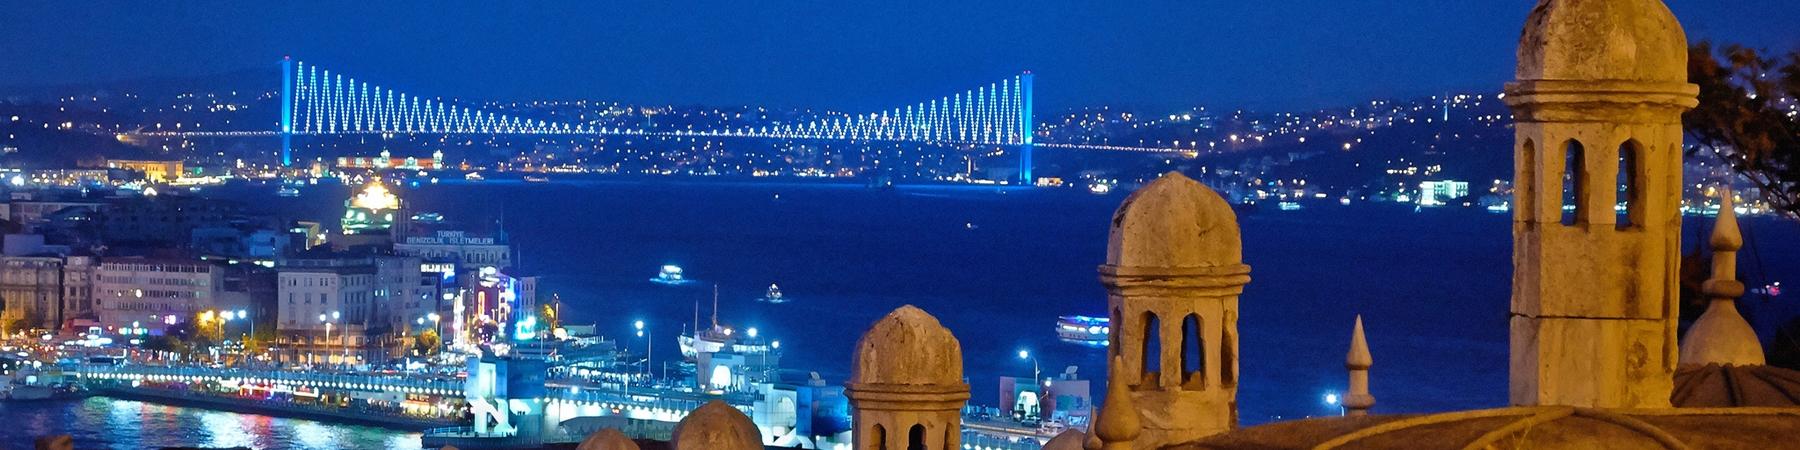 ISTANBUL - PONUDE PROLEĆNA PUTOVANJA - AVIONOM USKRS, 1.MAJ